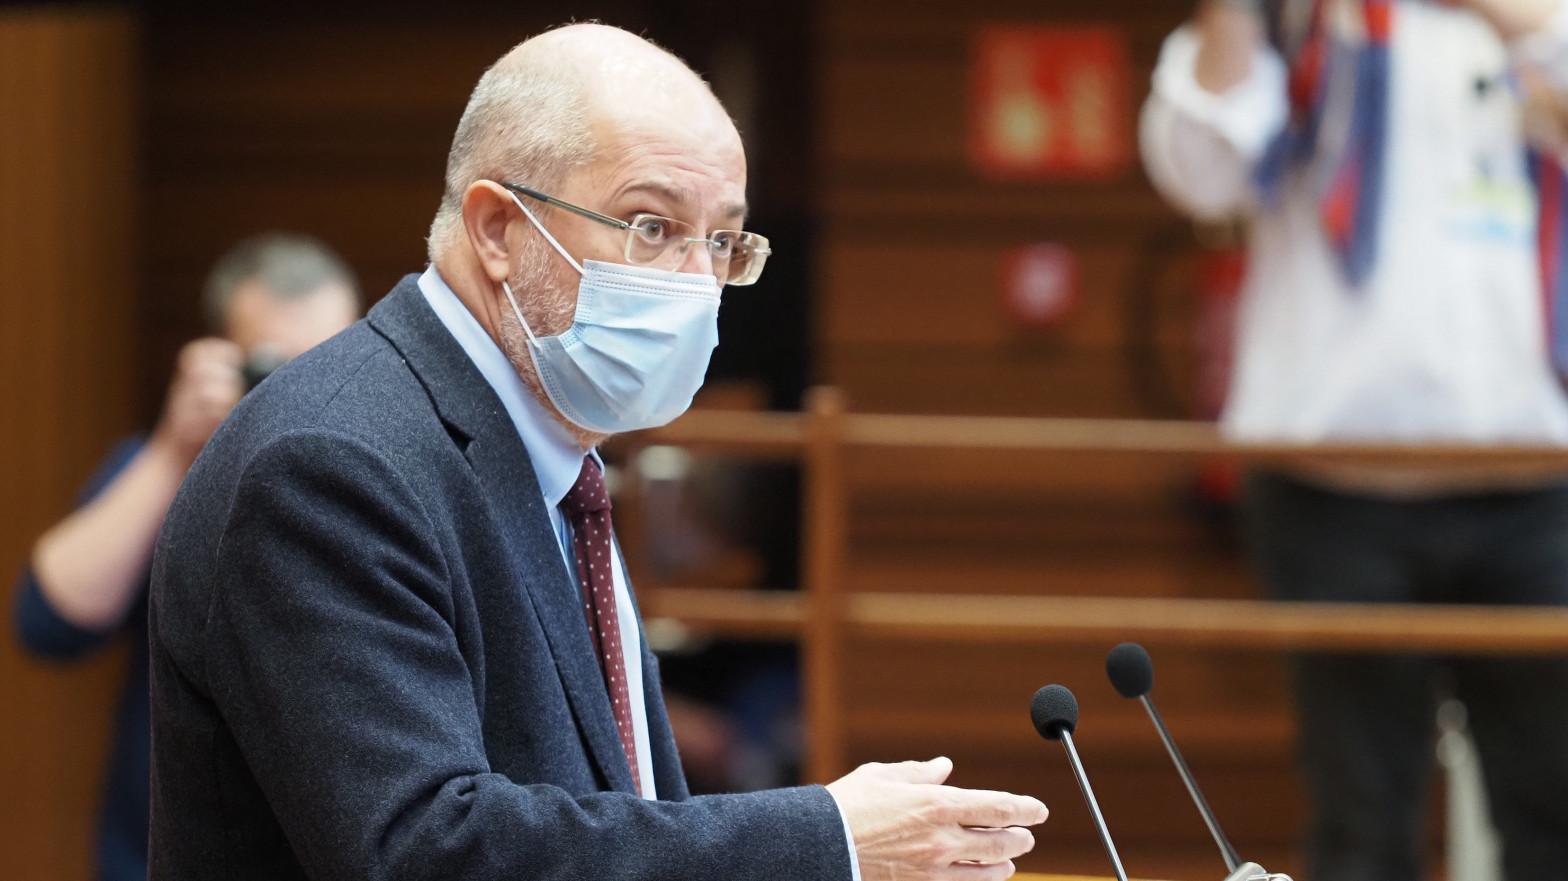 Igea (Ciudadanos) denuncia que la moción se ha fraguado en Moncloa y apunta a Iván Redondo